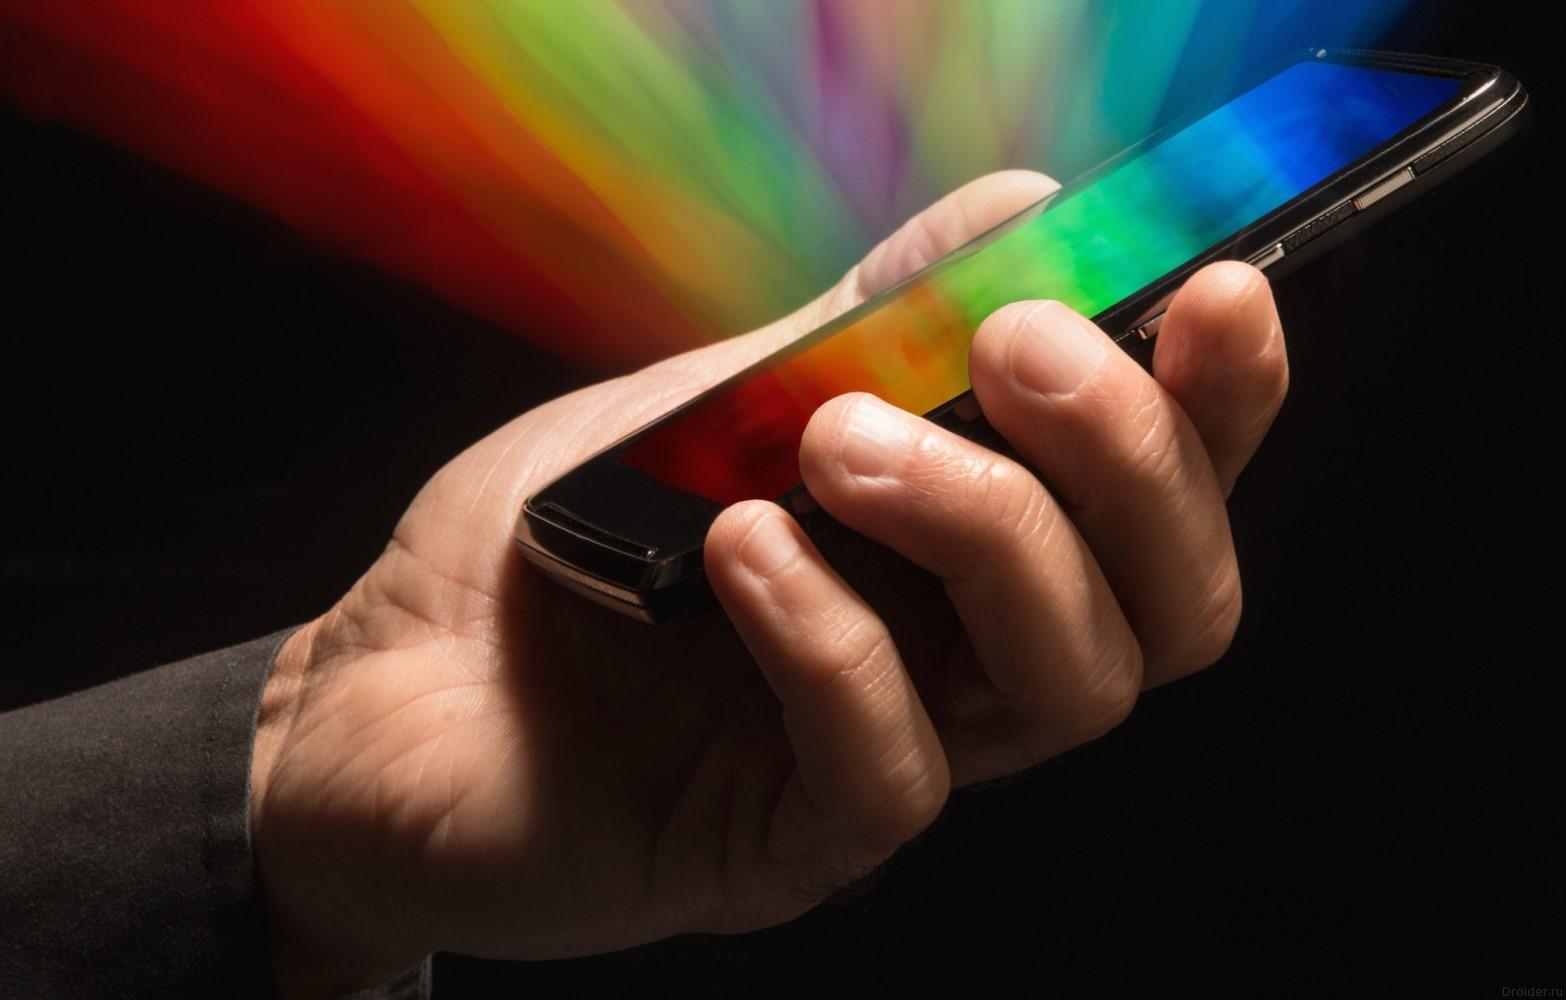 Рейтинг смартфонов с самым низким уровнем излучения